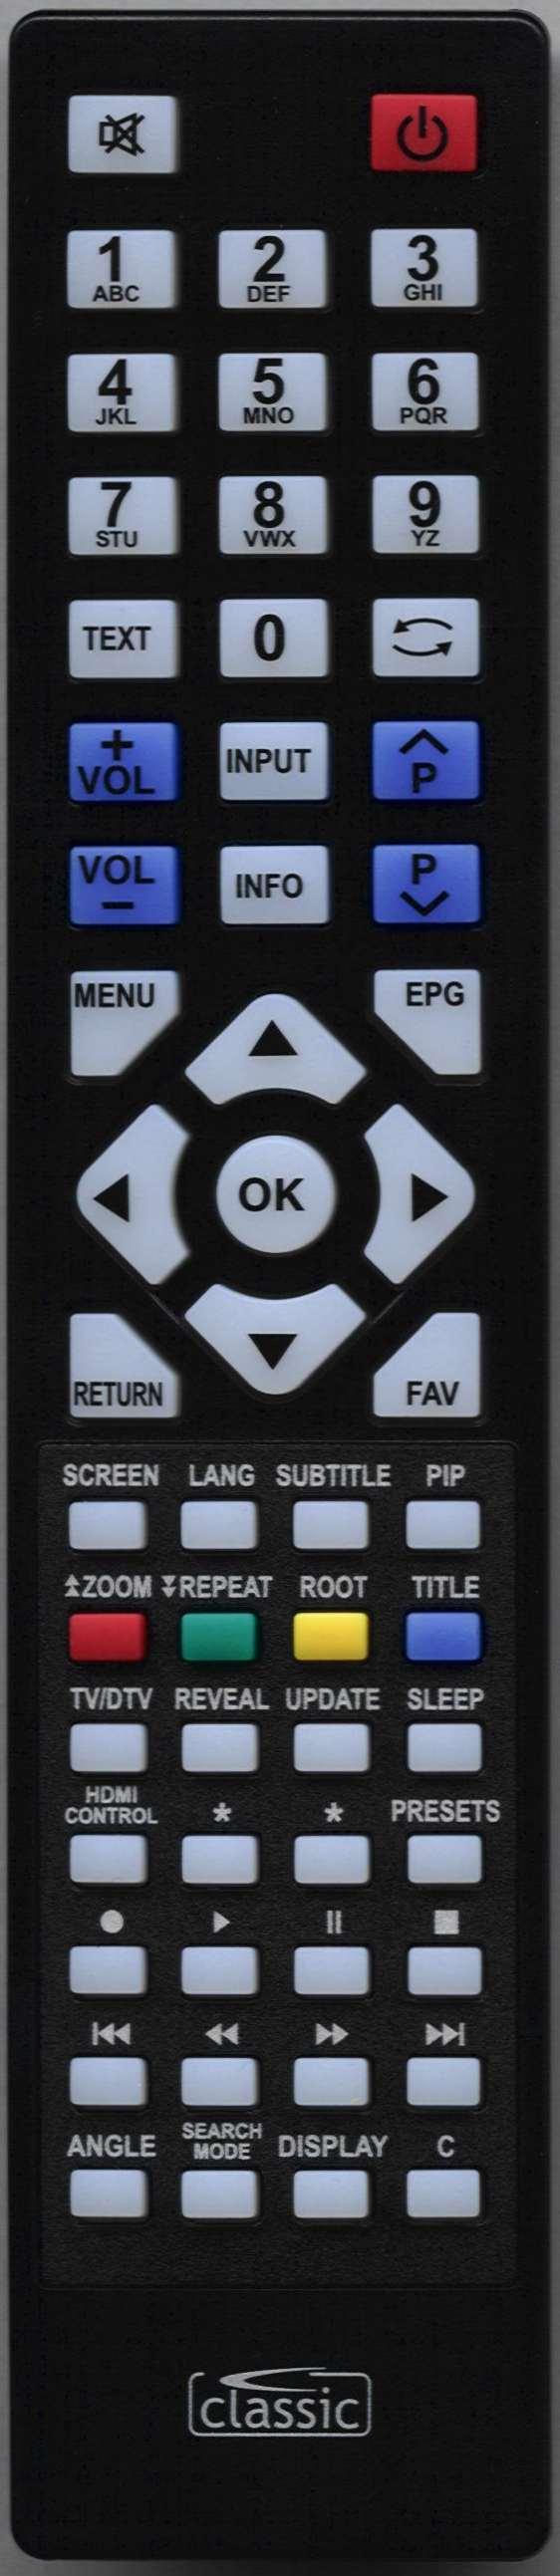 LUXOR LUX32914IDTV Remote Control Alternative